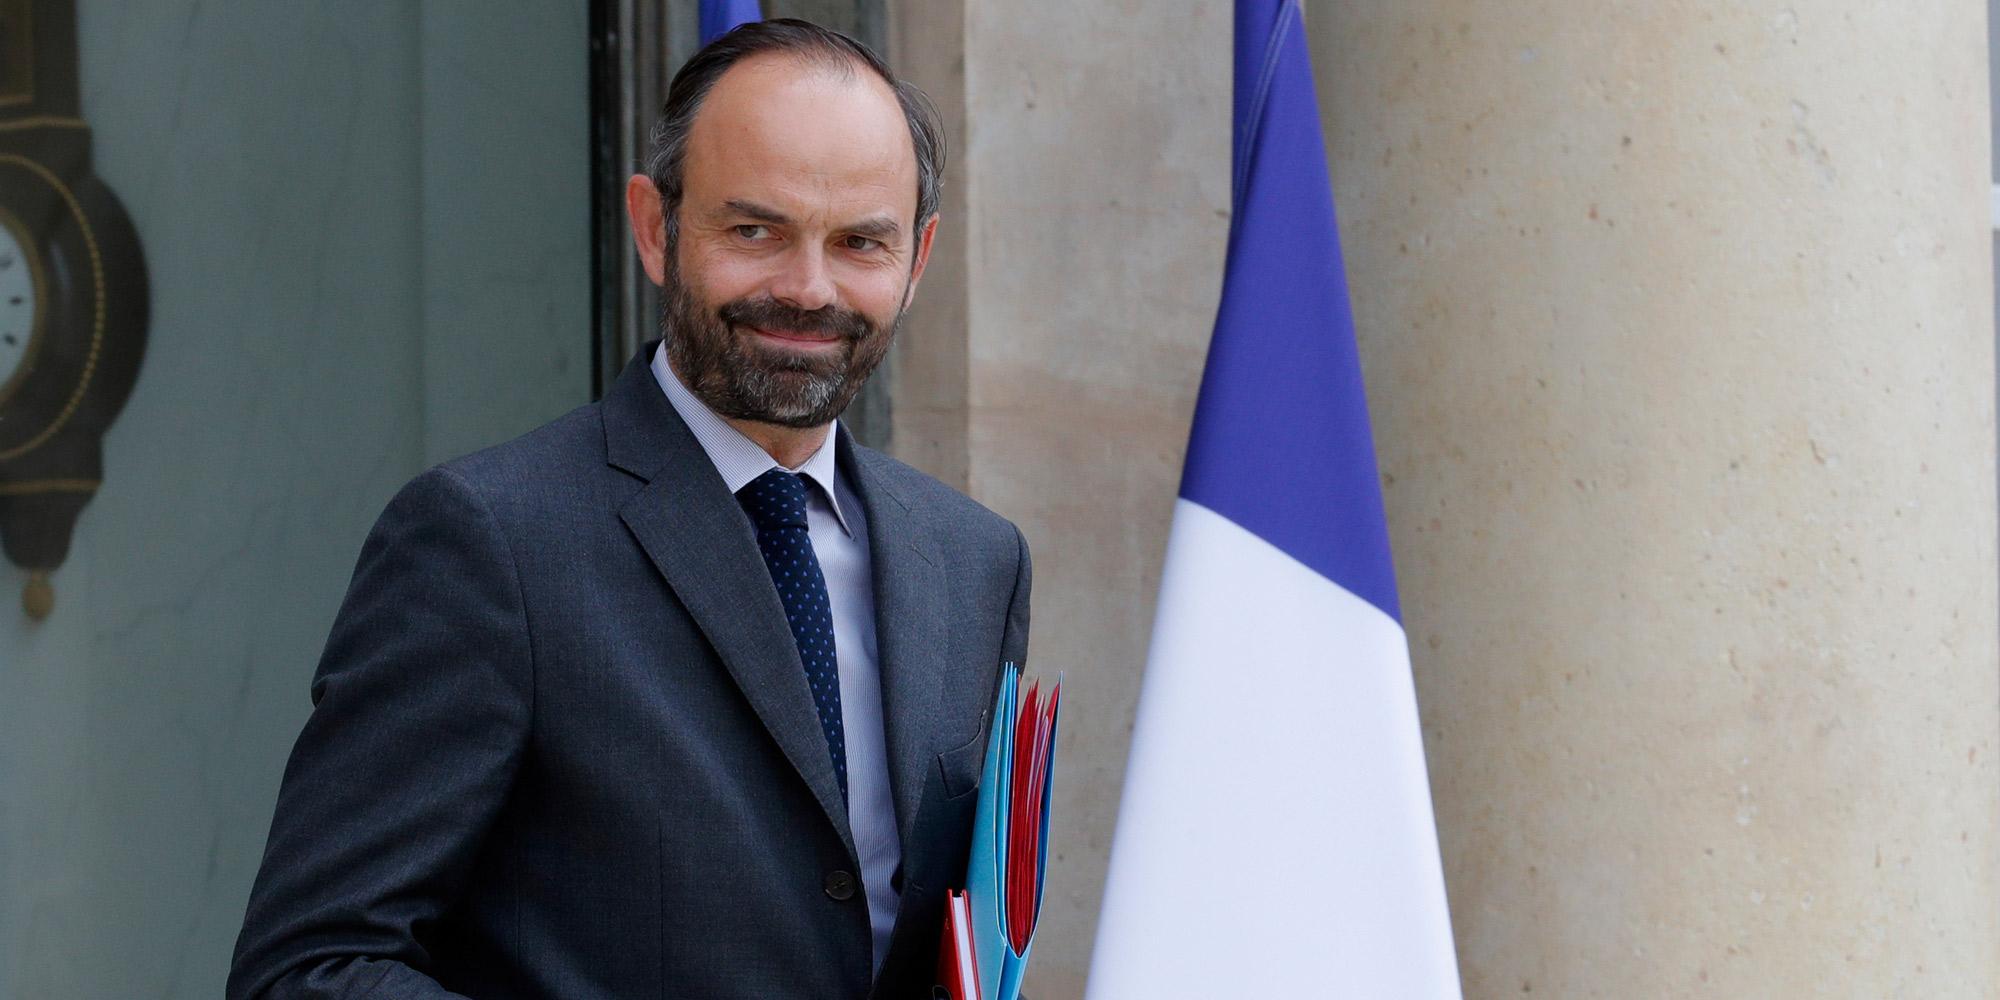 Le premier ministre fran ais douard philippe au maroc for Ministre francais